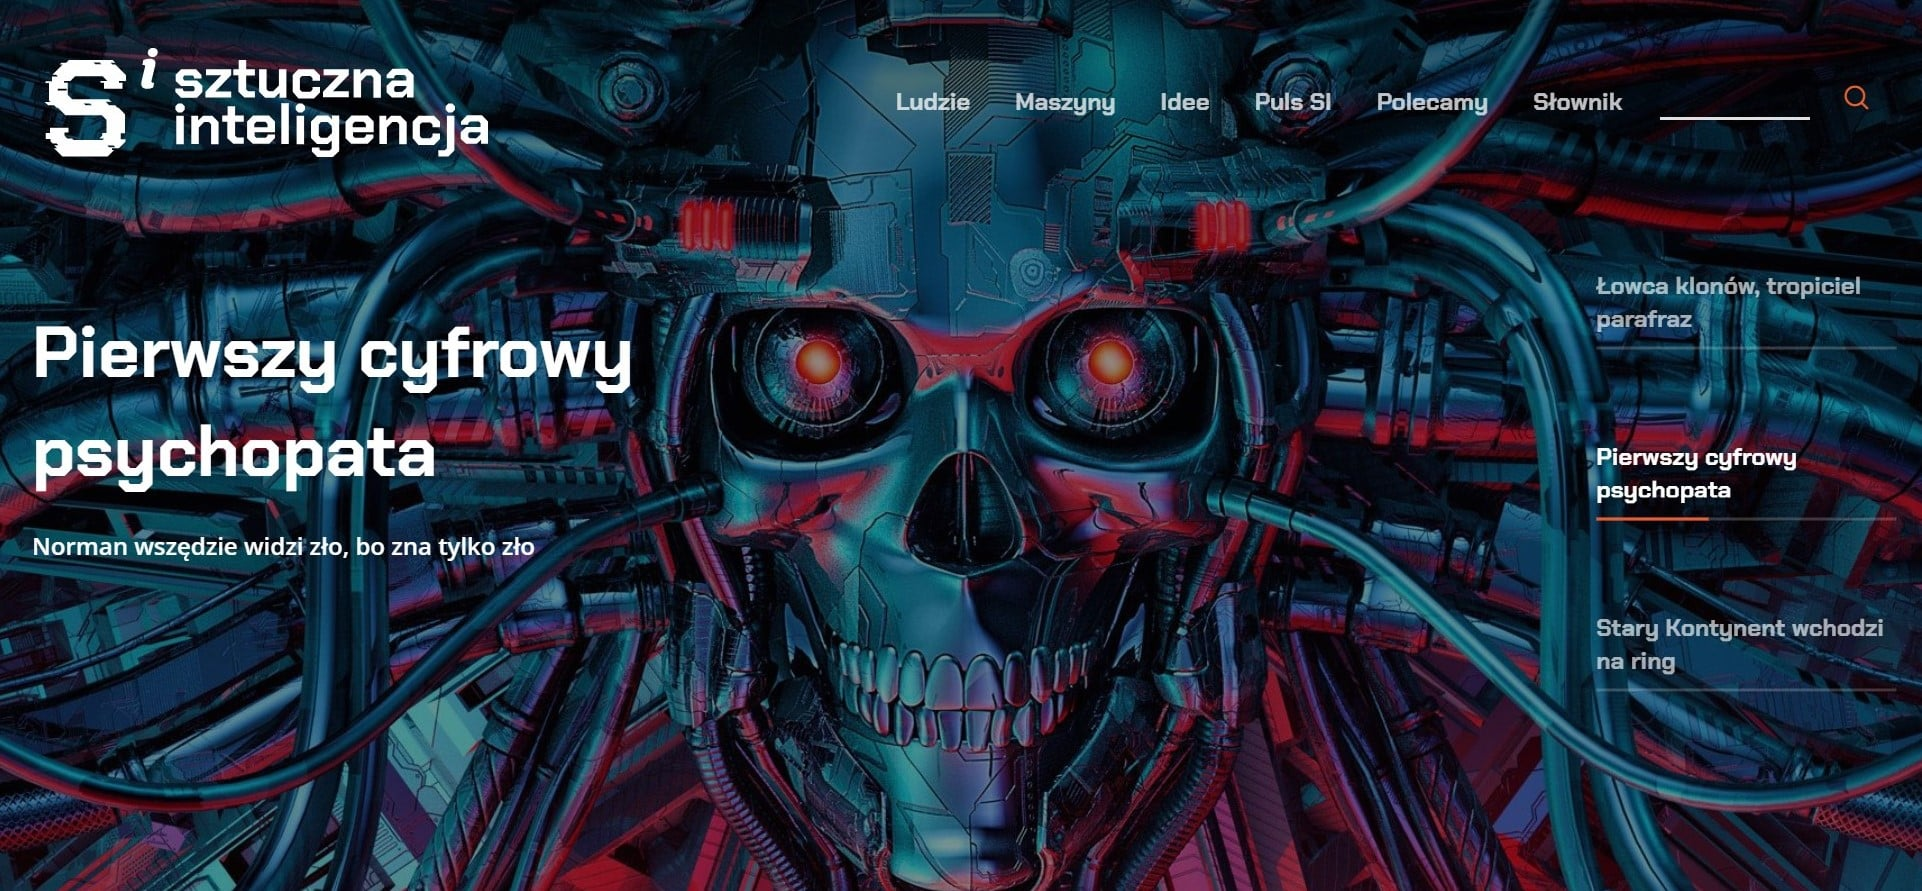 Ośrodek Przetwarzania Informacji – Państwowy Instytut Badawczy otwiera swój serwis o Sztucznej Inteligencji 22